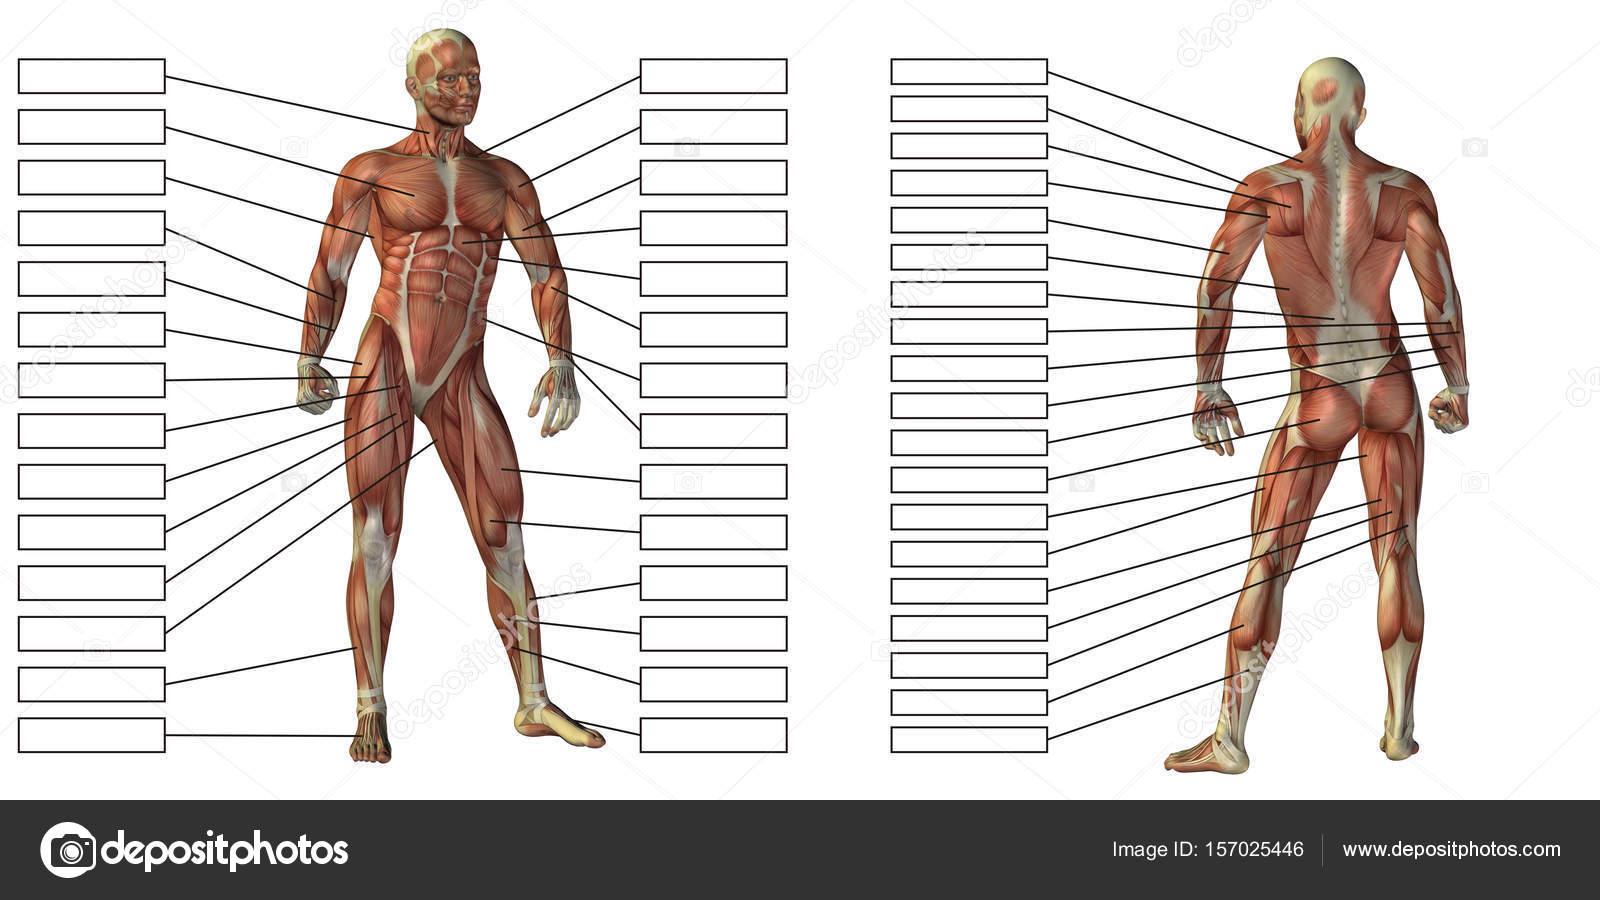 menschliche Anatomie Modell — Stockfoto © design36 #157025446